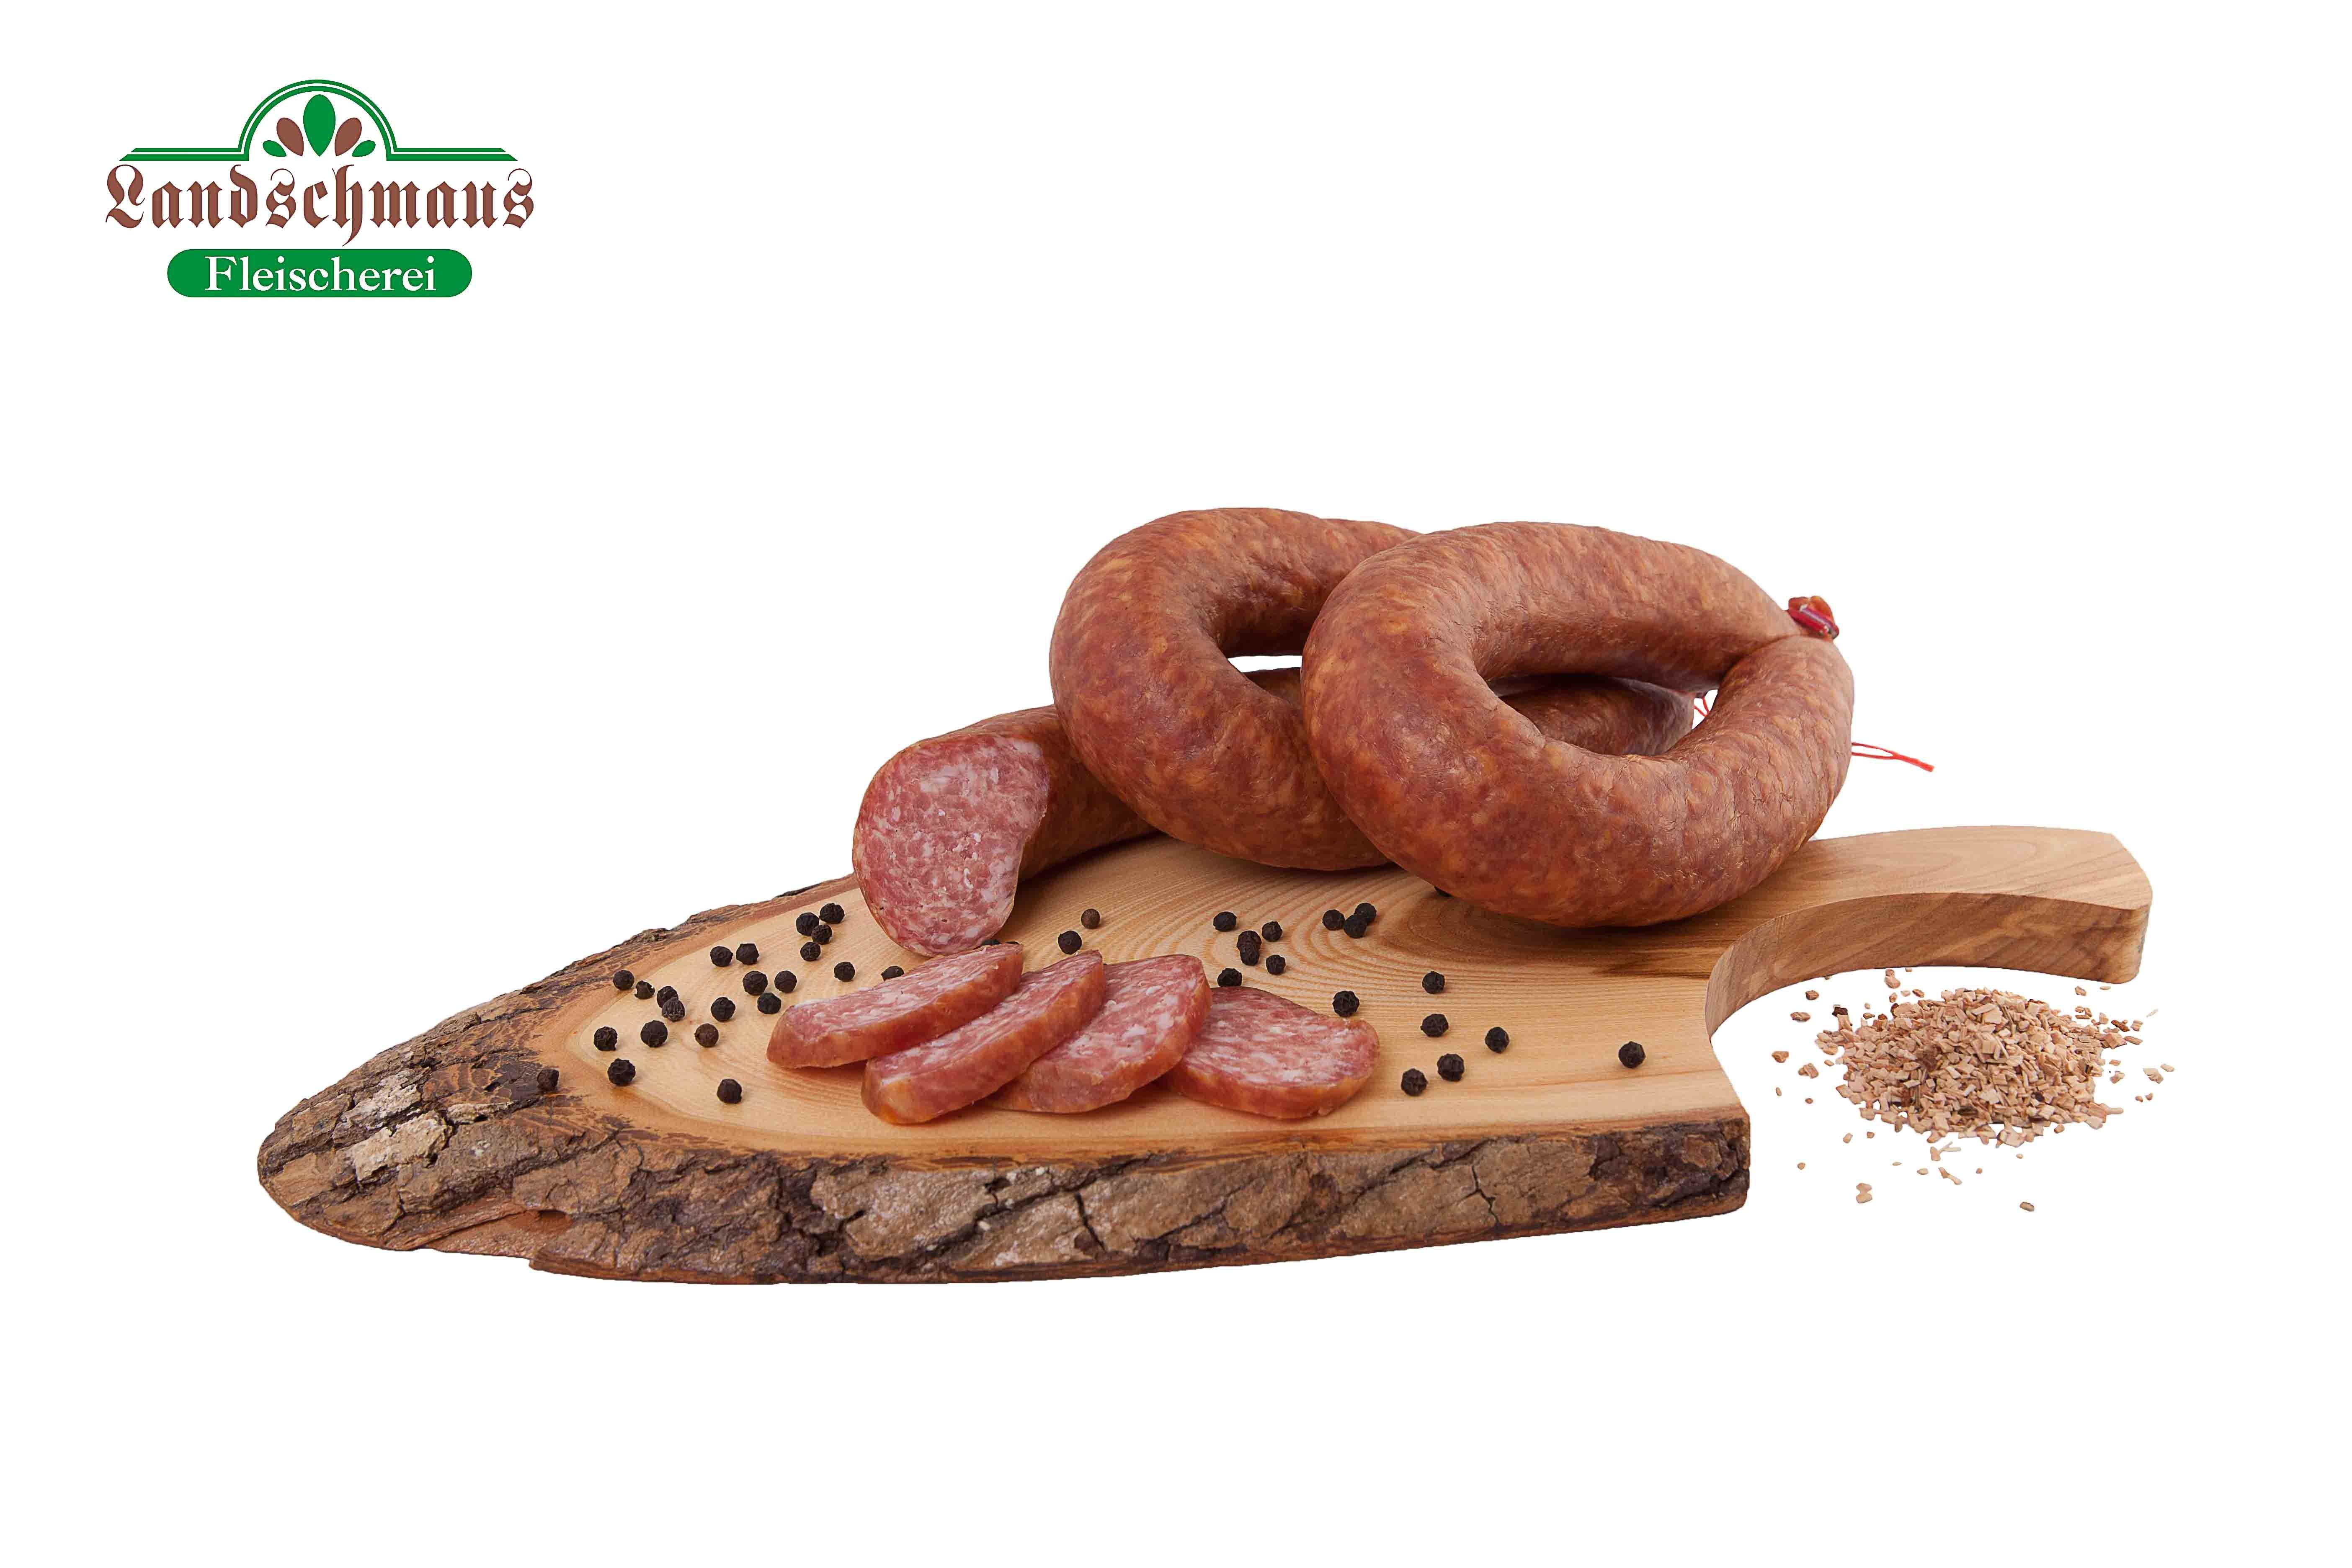 Schweinefleischknackwurst